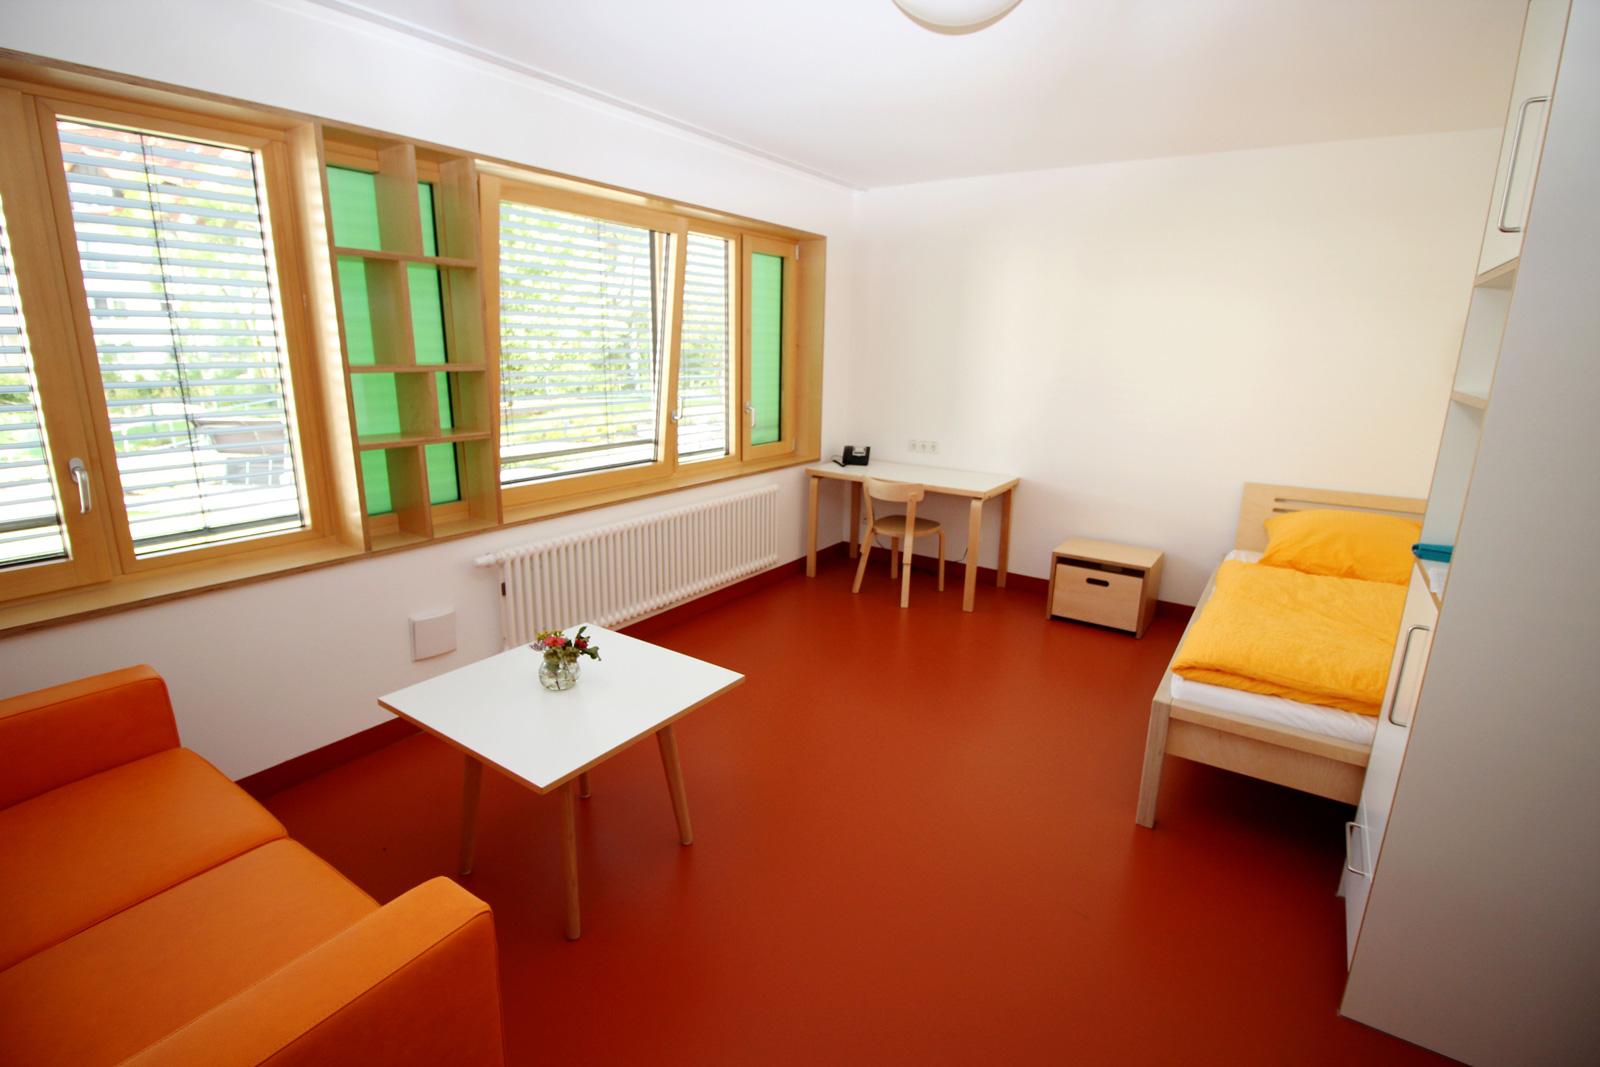 Apartmenthaus hat noch zwei frei Zimmer zur Miete frei: Rund zwanzig Quadratmeter groß, hell, modern und möbliert.